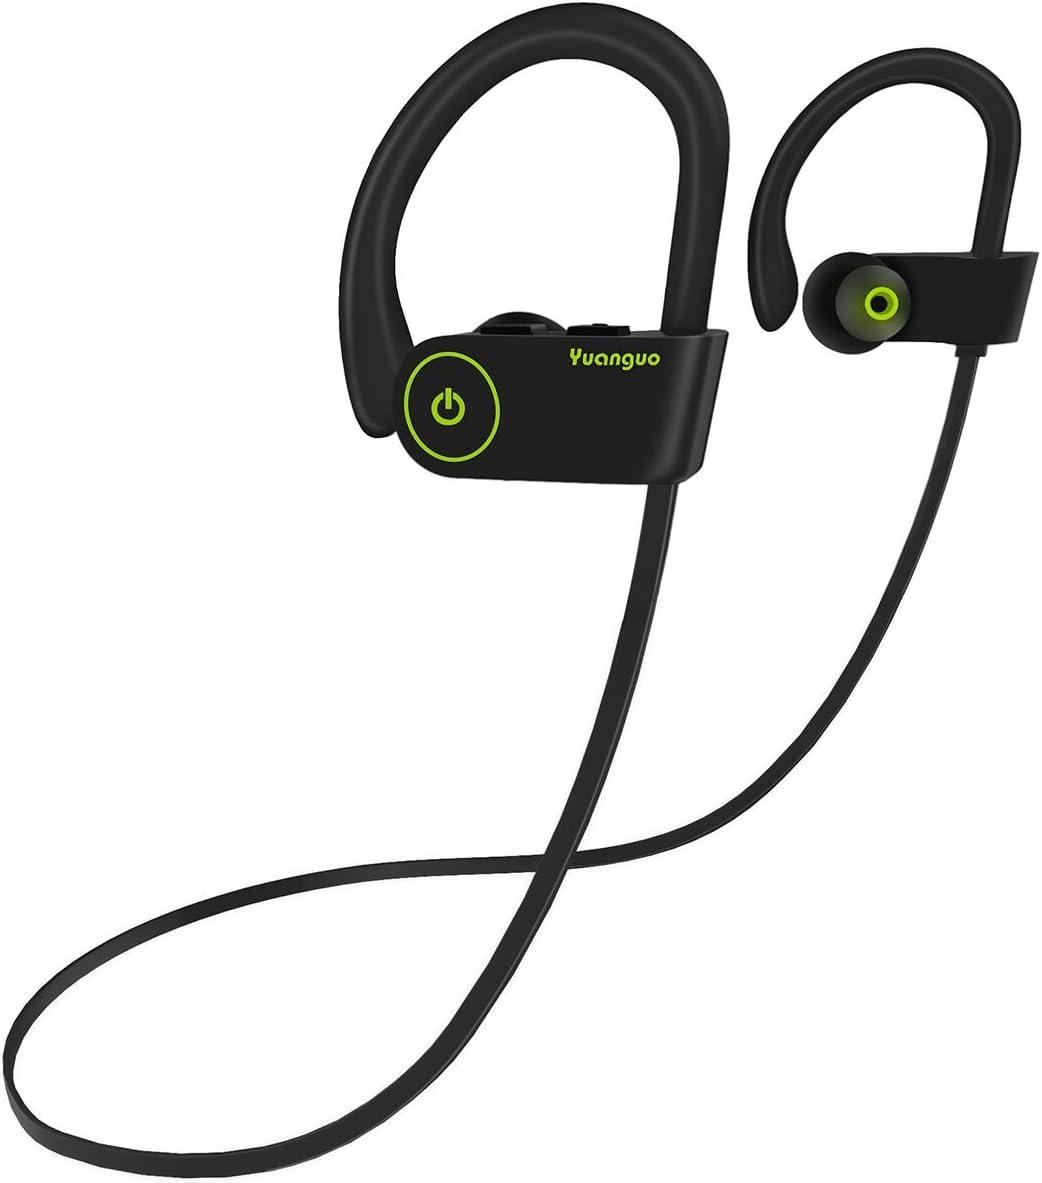 Auriculares Bluetooth V4.2 Yuanguo Auriculares V4.2 Inálambricos Cascos Deportivos In Ear IPX7 Impermeable Sonido Estéreo con Micrófono Cancelación de Ruido CVC 6.0 & Tecnología APTX para Correr